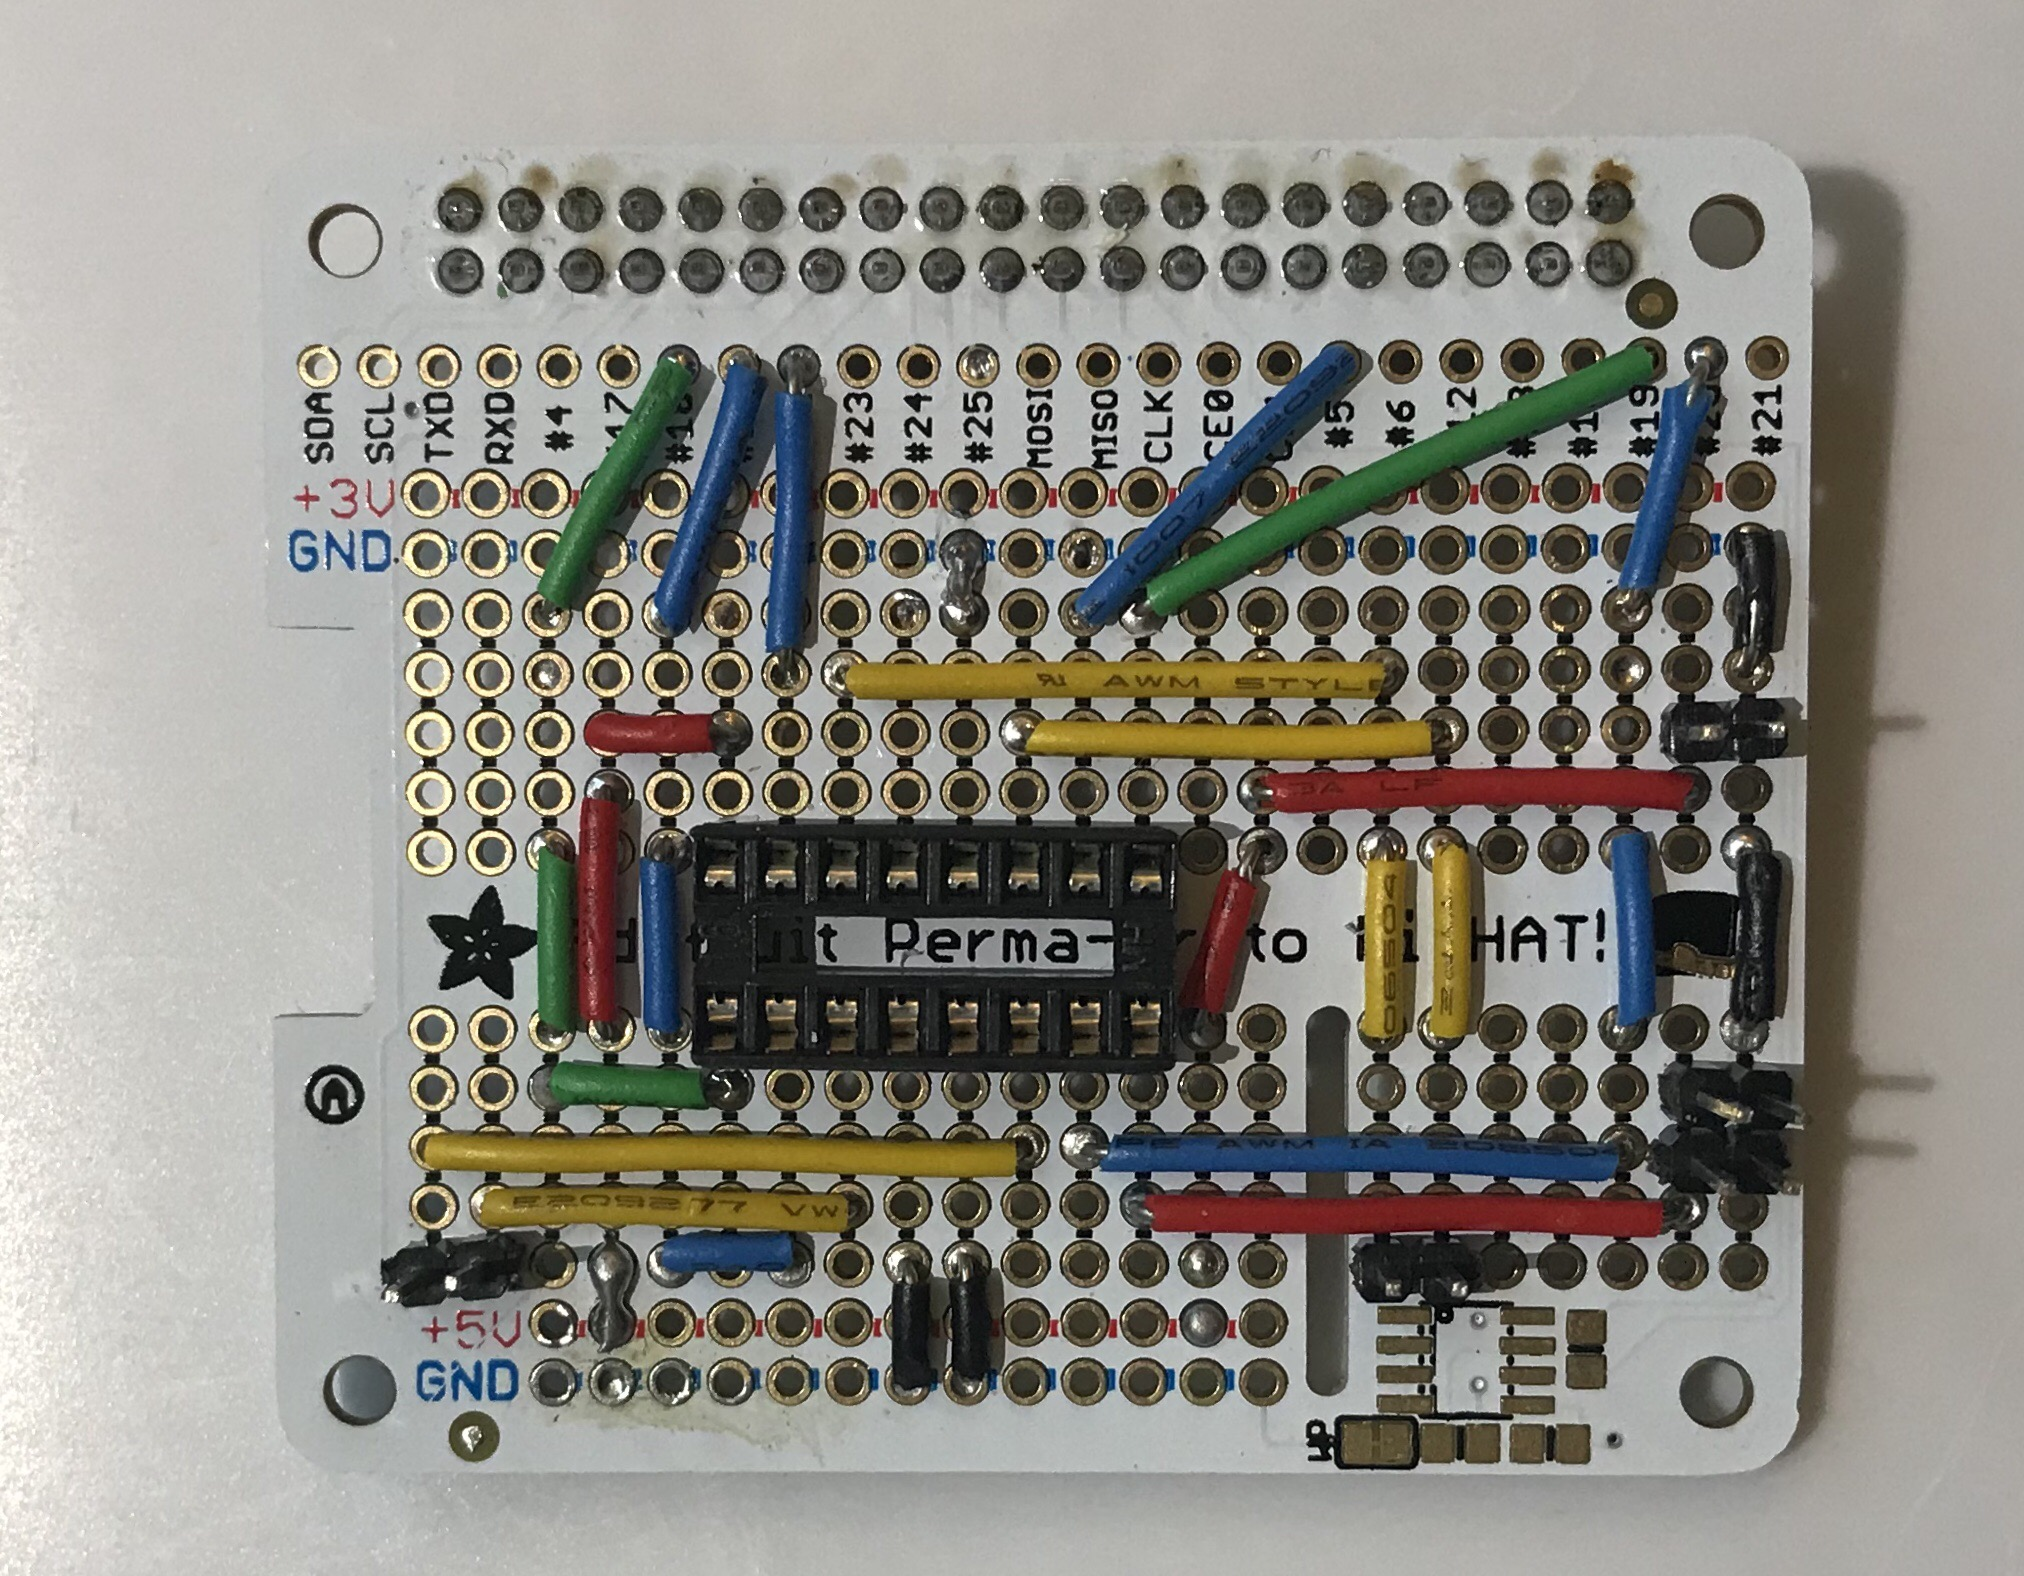 components_D8DE8DCD-4566-4FA0-A9A3-8344F3ECDFE8.jpeg